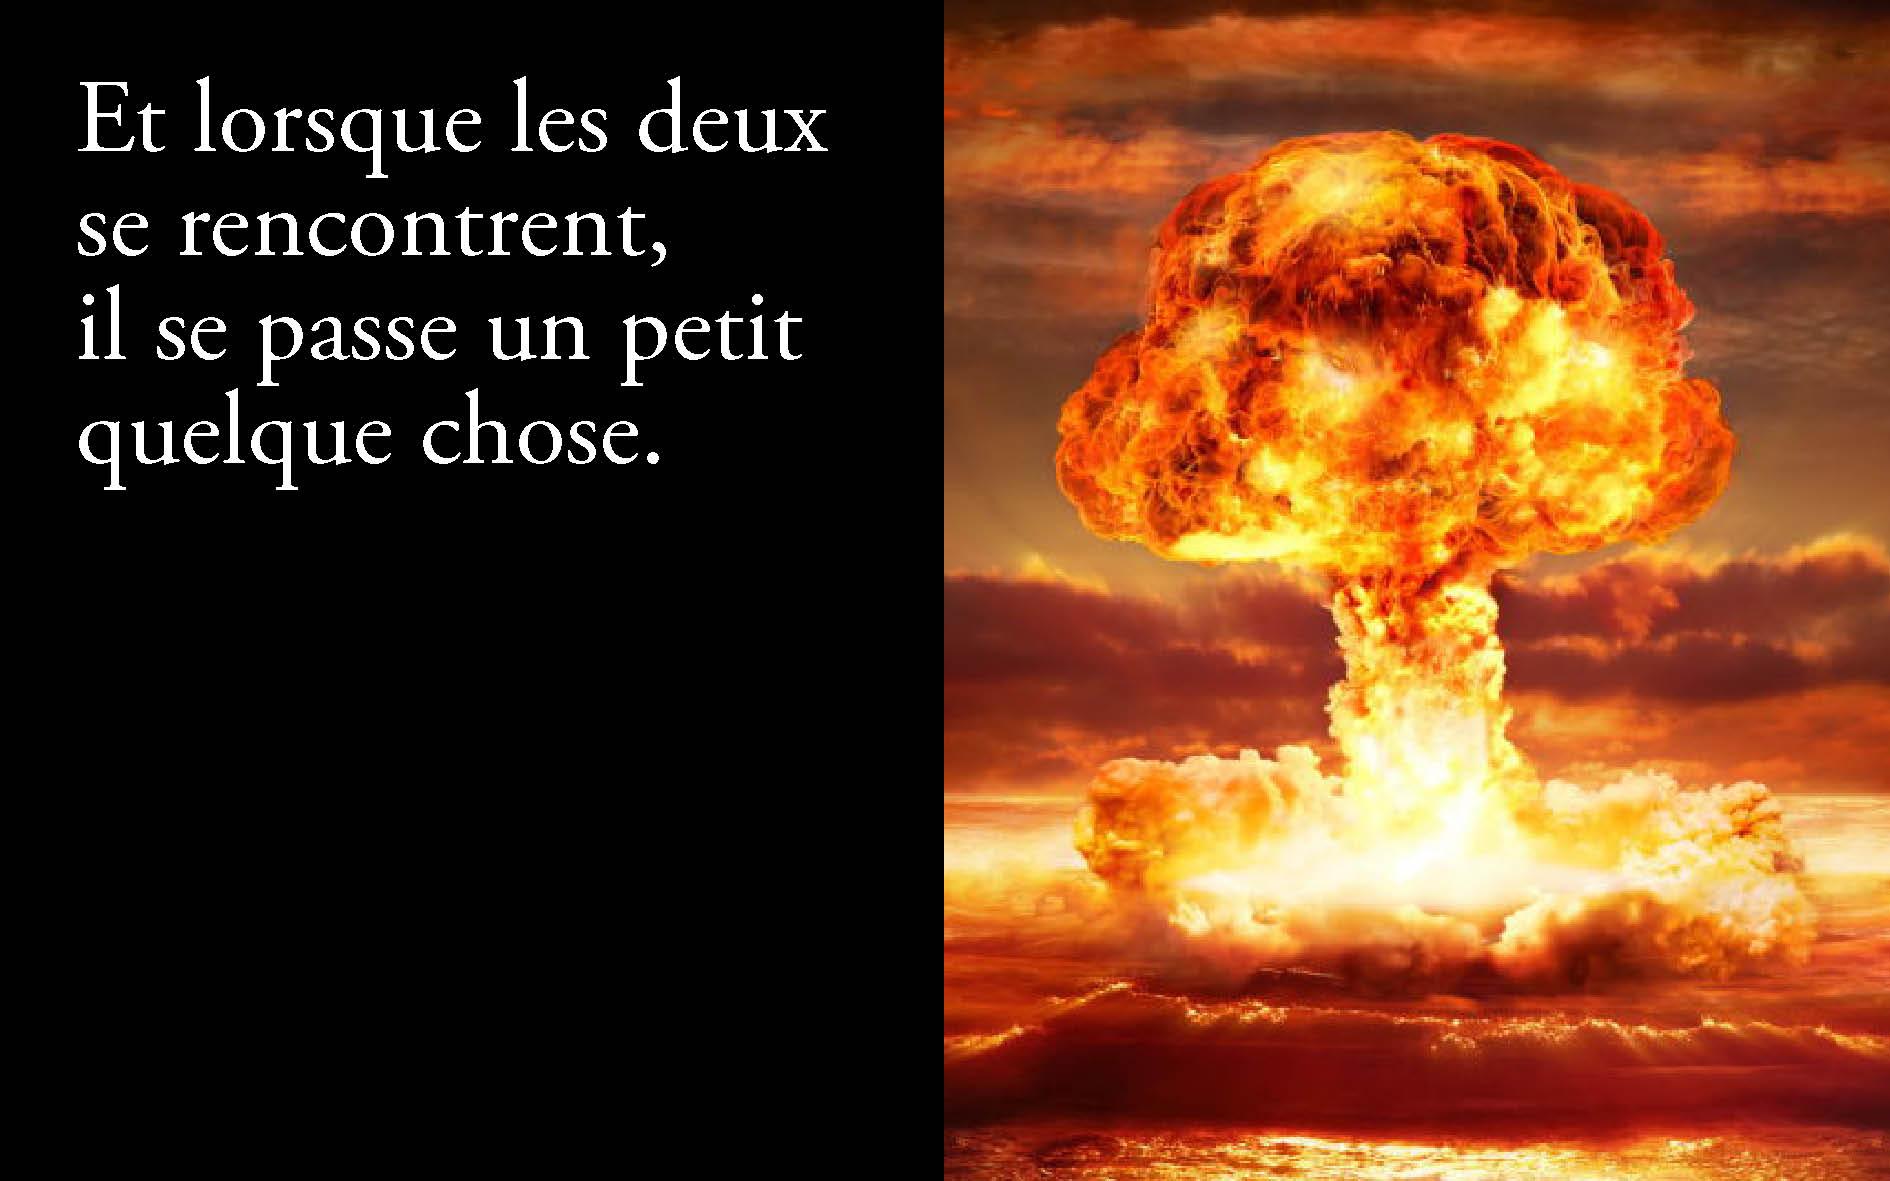 livre-en-images_livre4-3